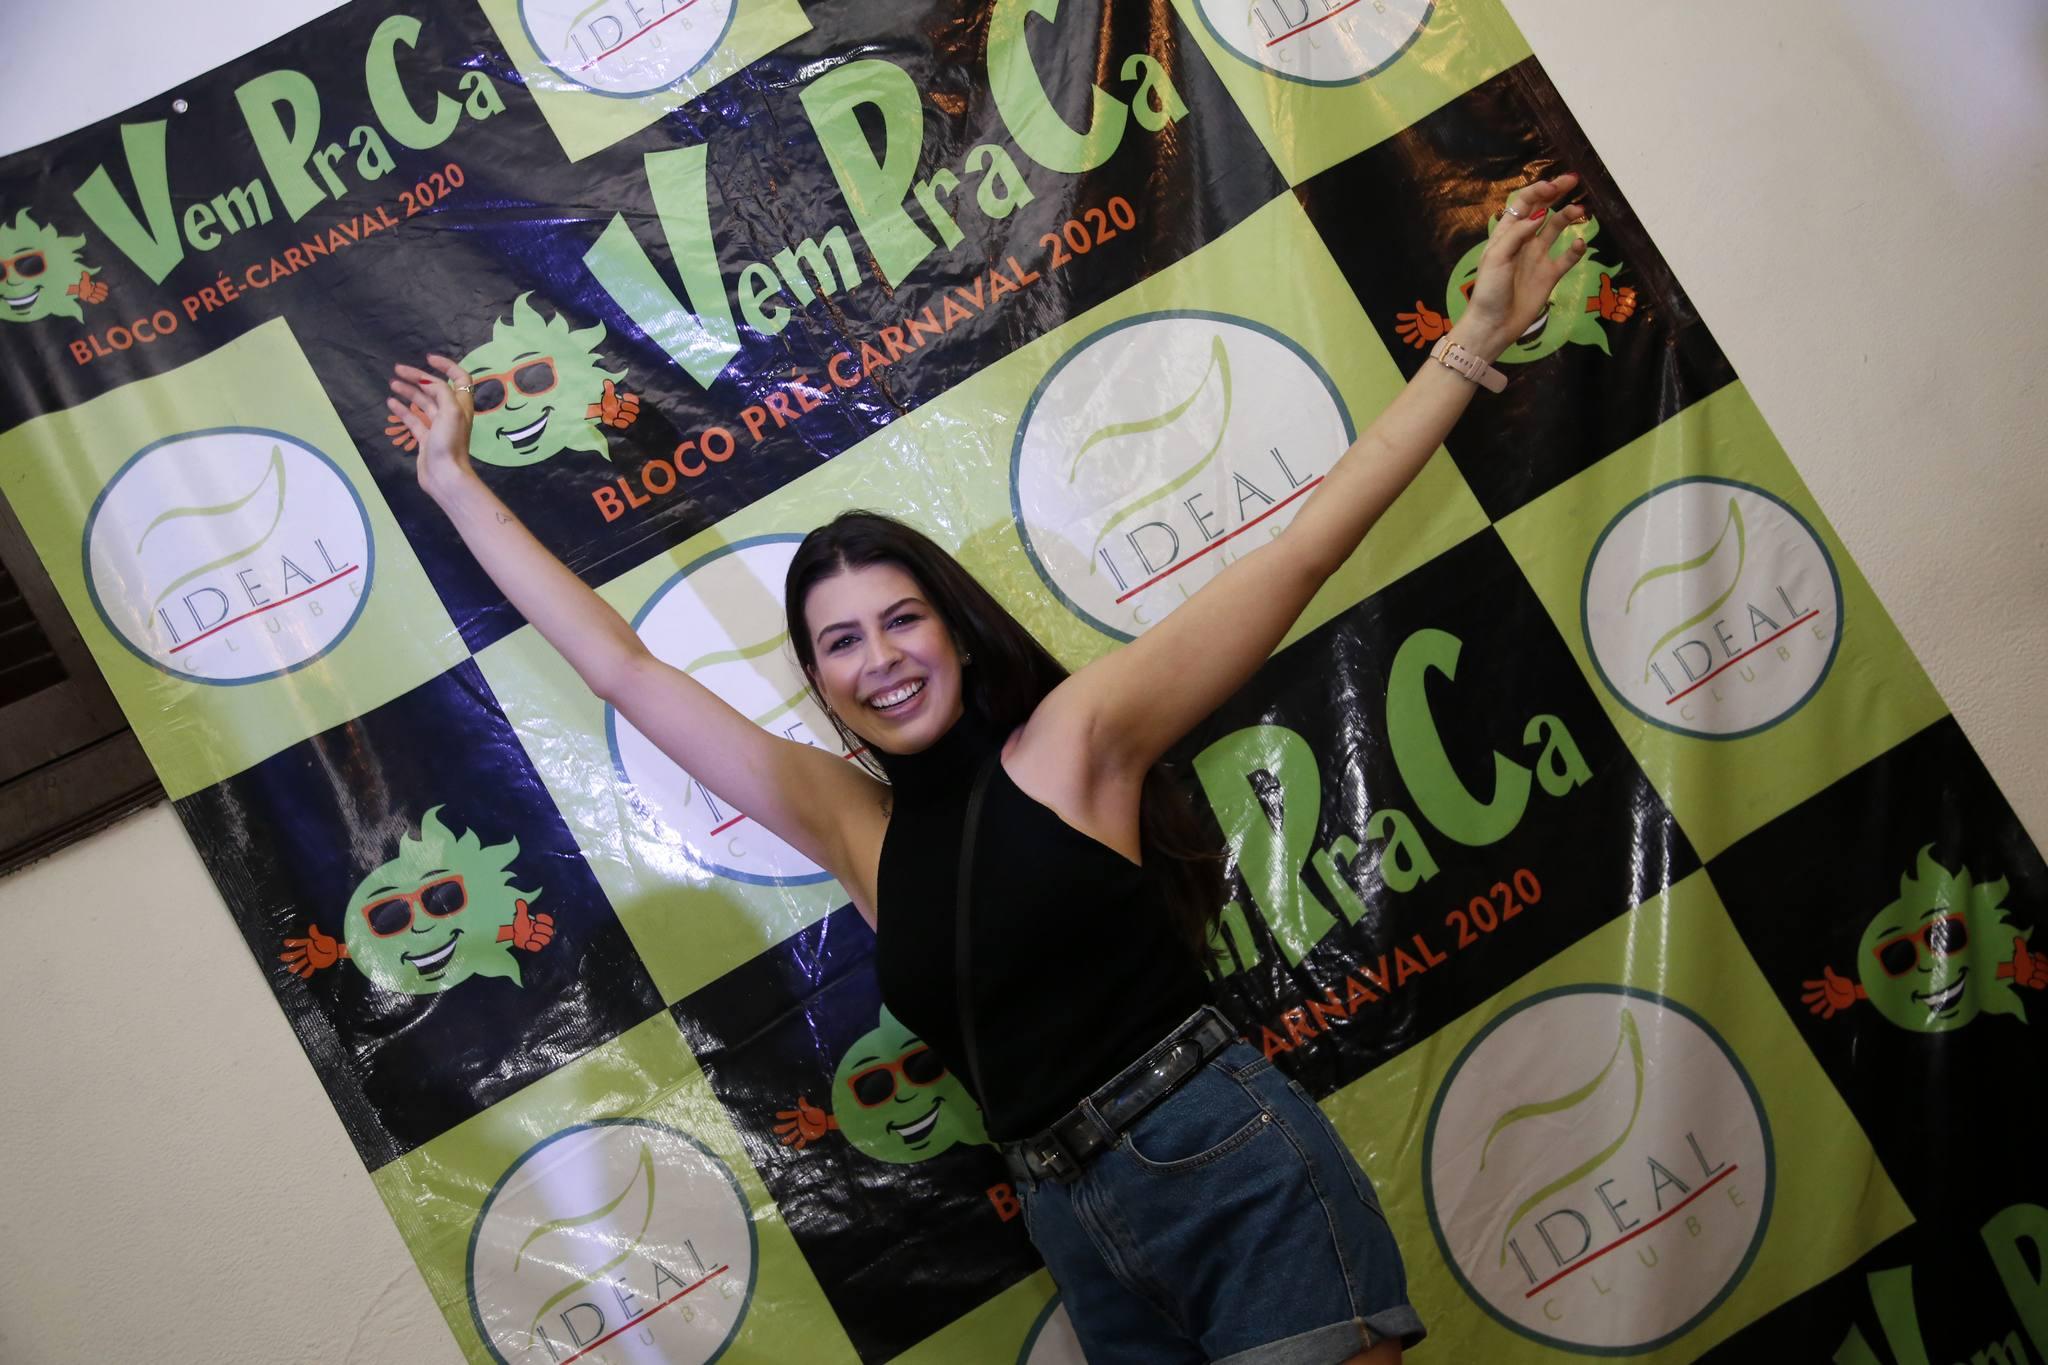 Ideal Clube vira o epicentro da alegria na segunda edição do Encontro da Folia